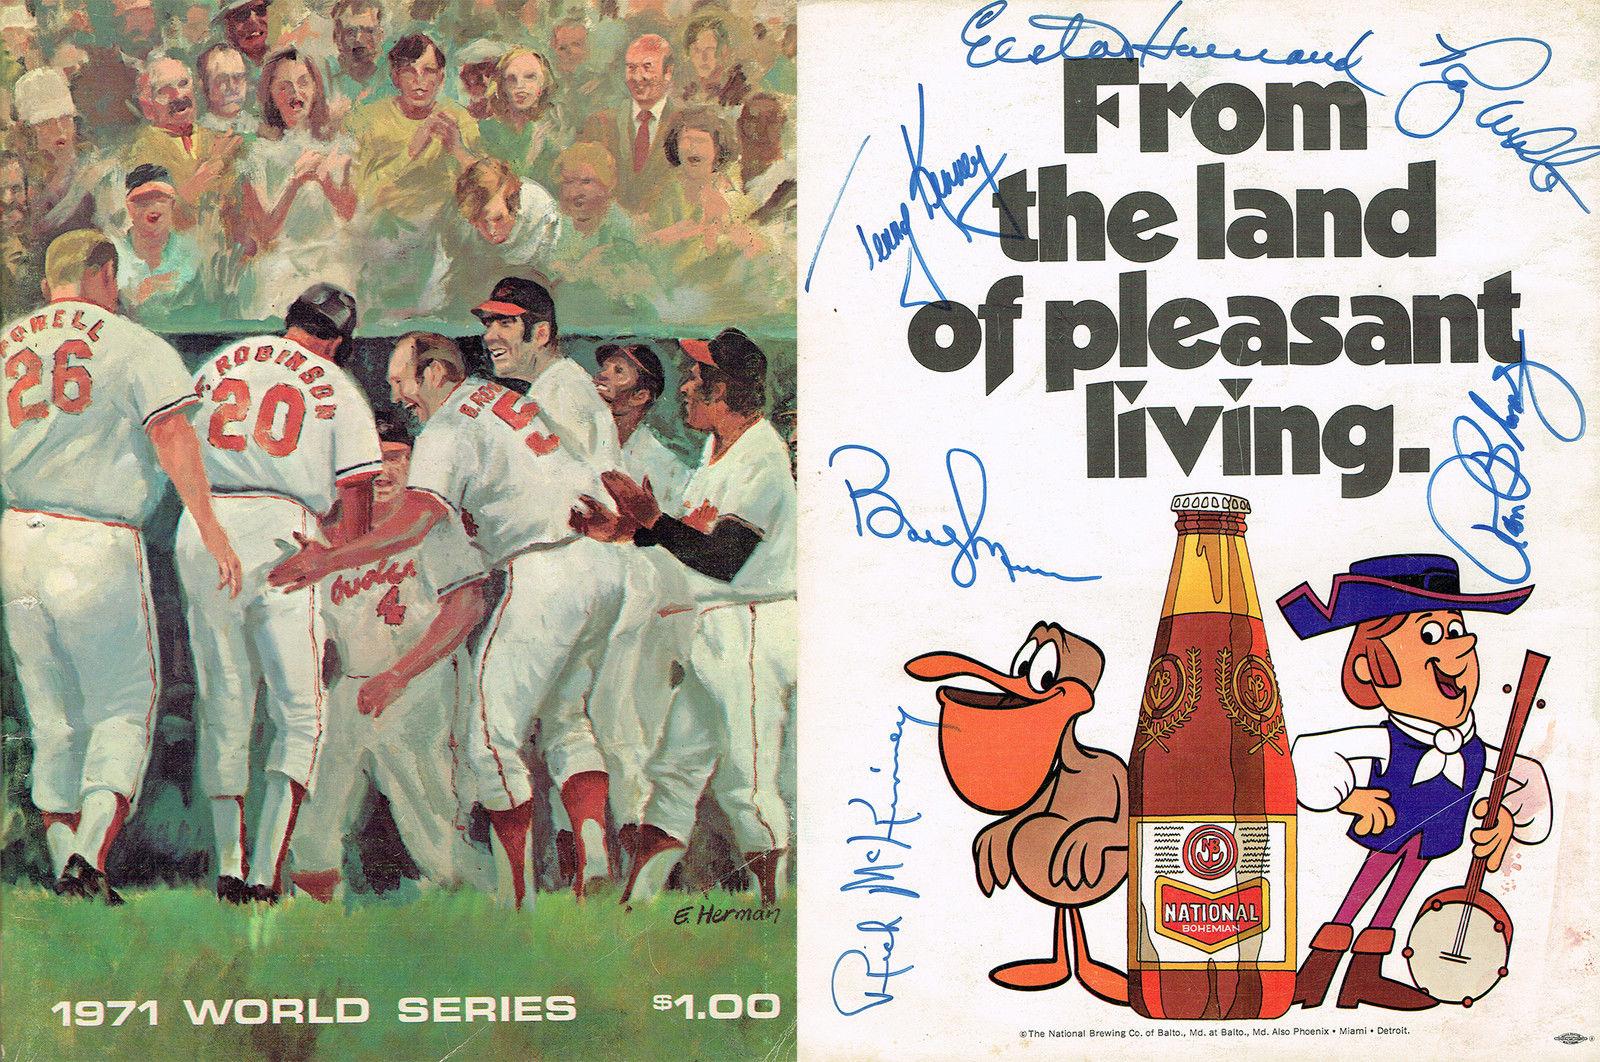 1971 World Series Program Signed Weaver Bobby Murcer Yankees auto Elston Howard